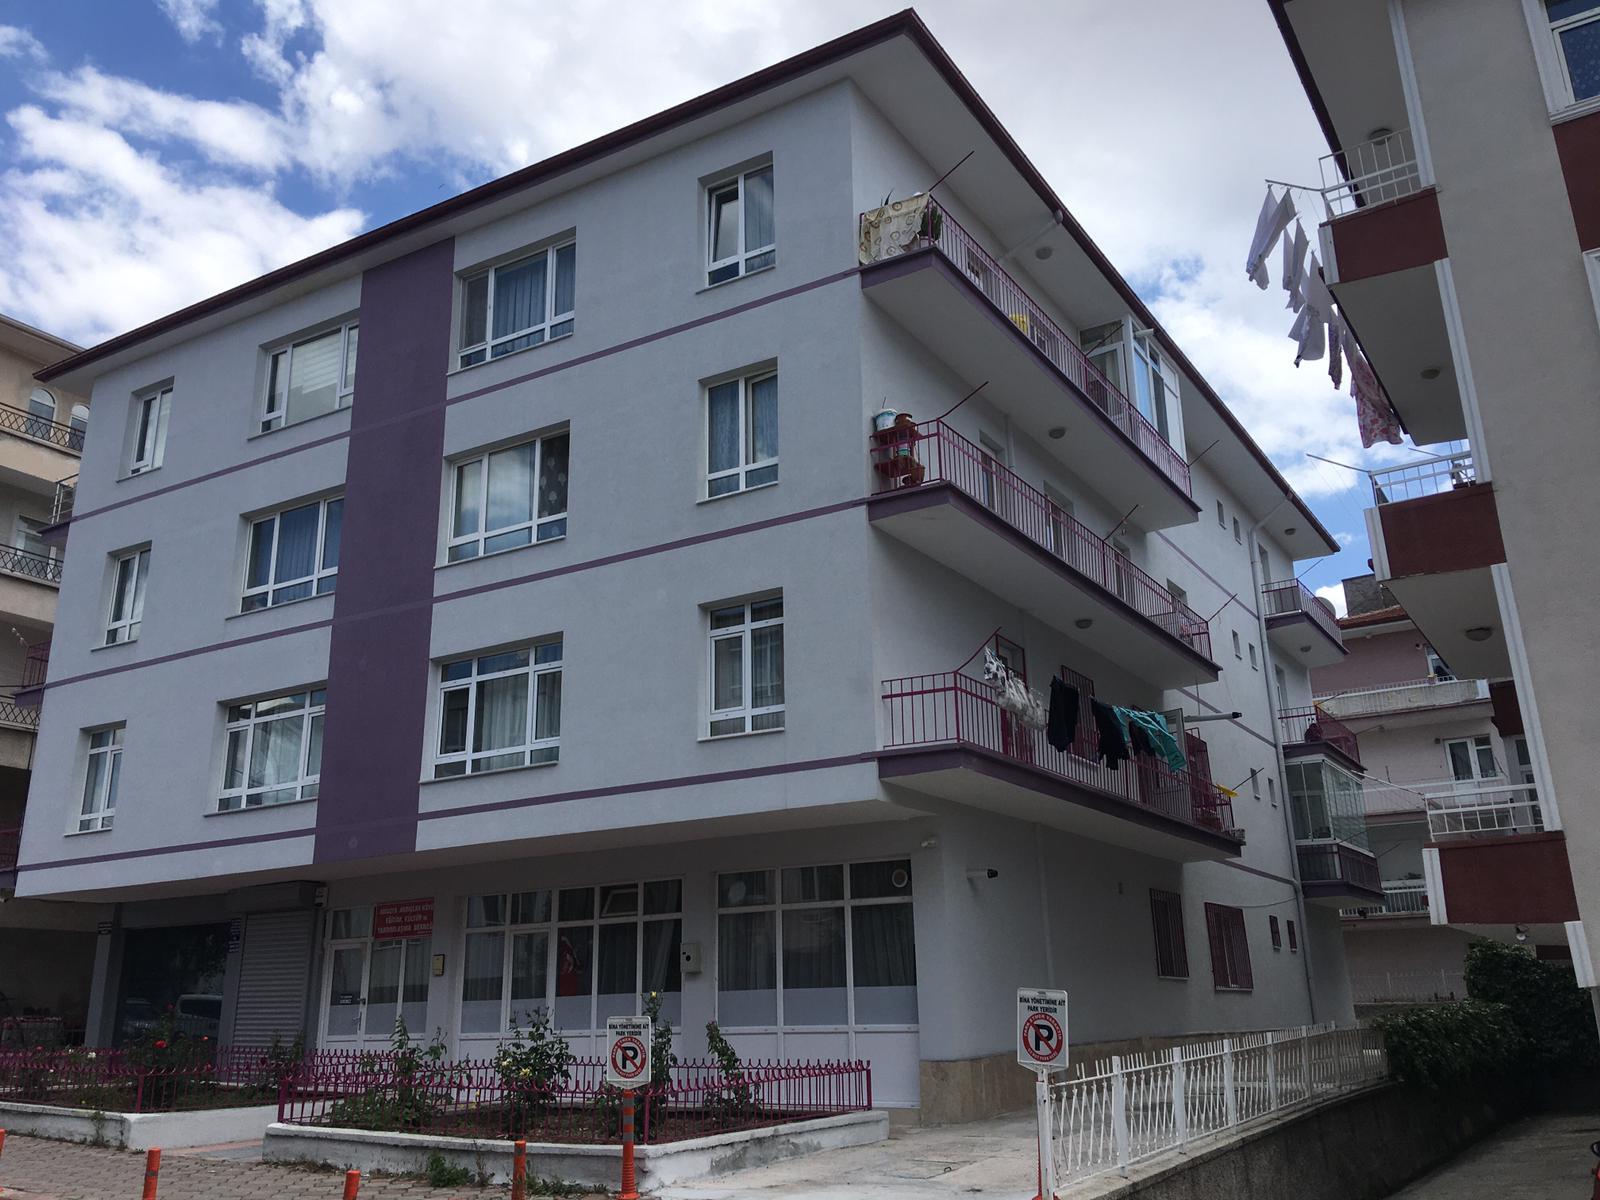 Sokullu Mehmet Paşa Mah and Sok. No:3 Menteşoğlu Apt.